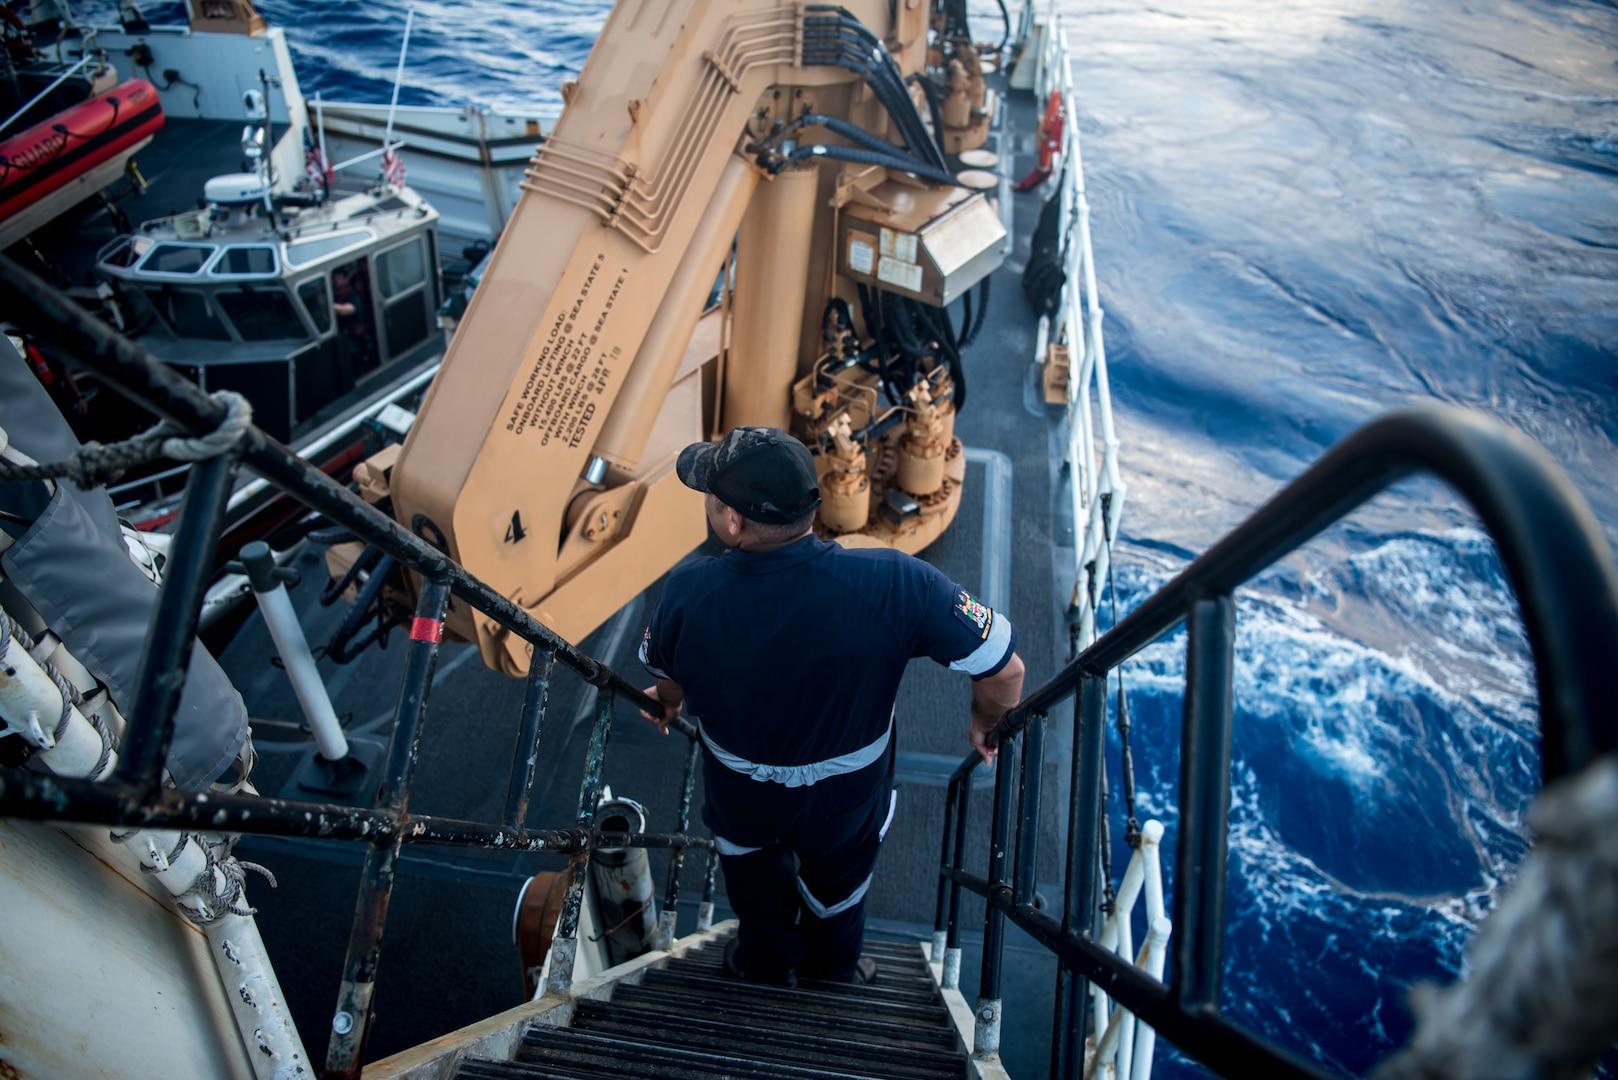 U.S, Coast Guard National Security Cutter Visits Jiji